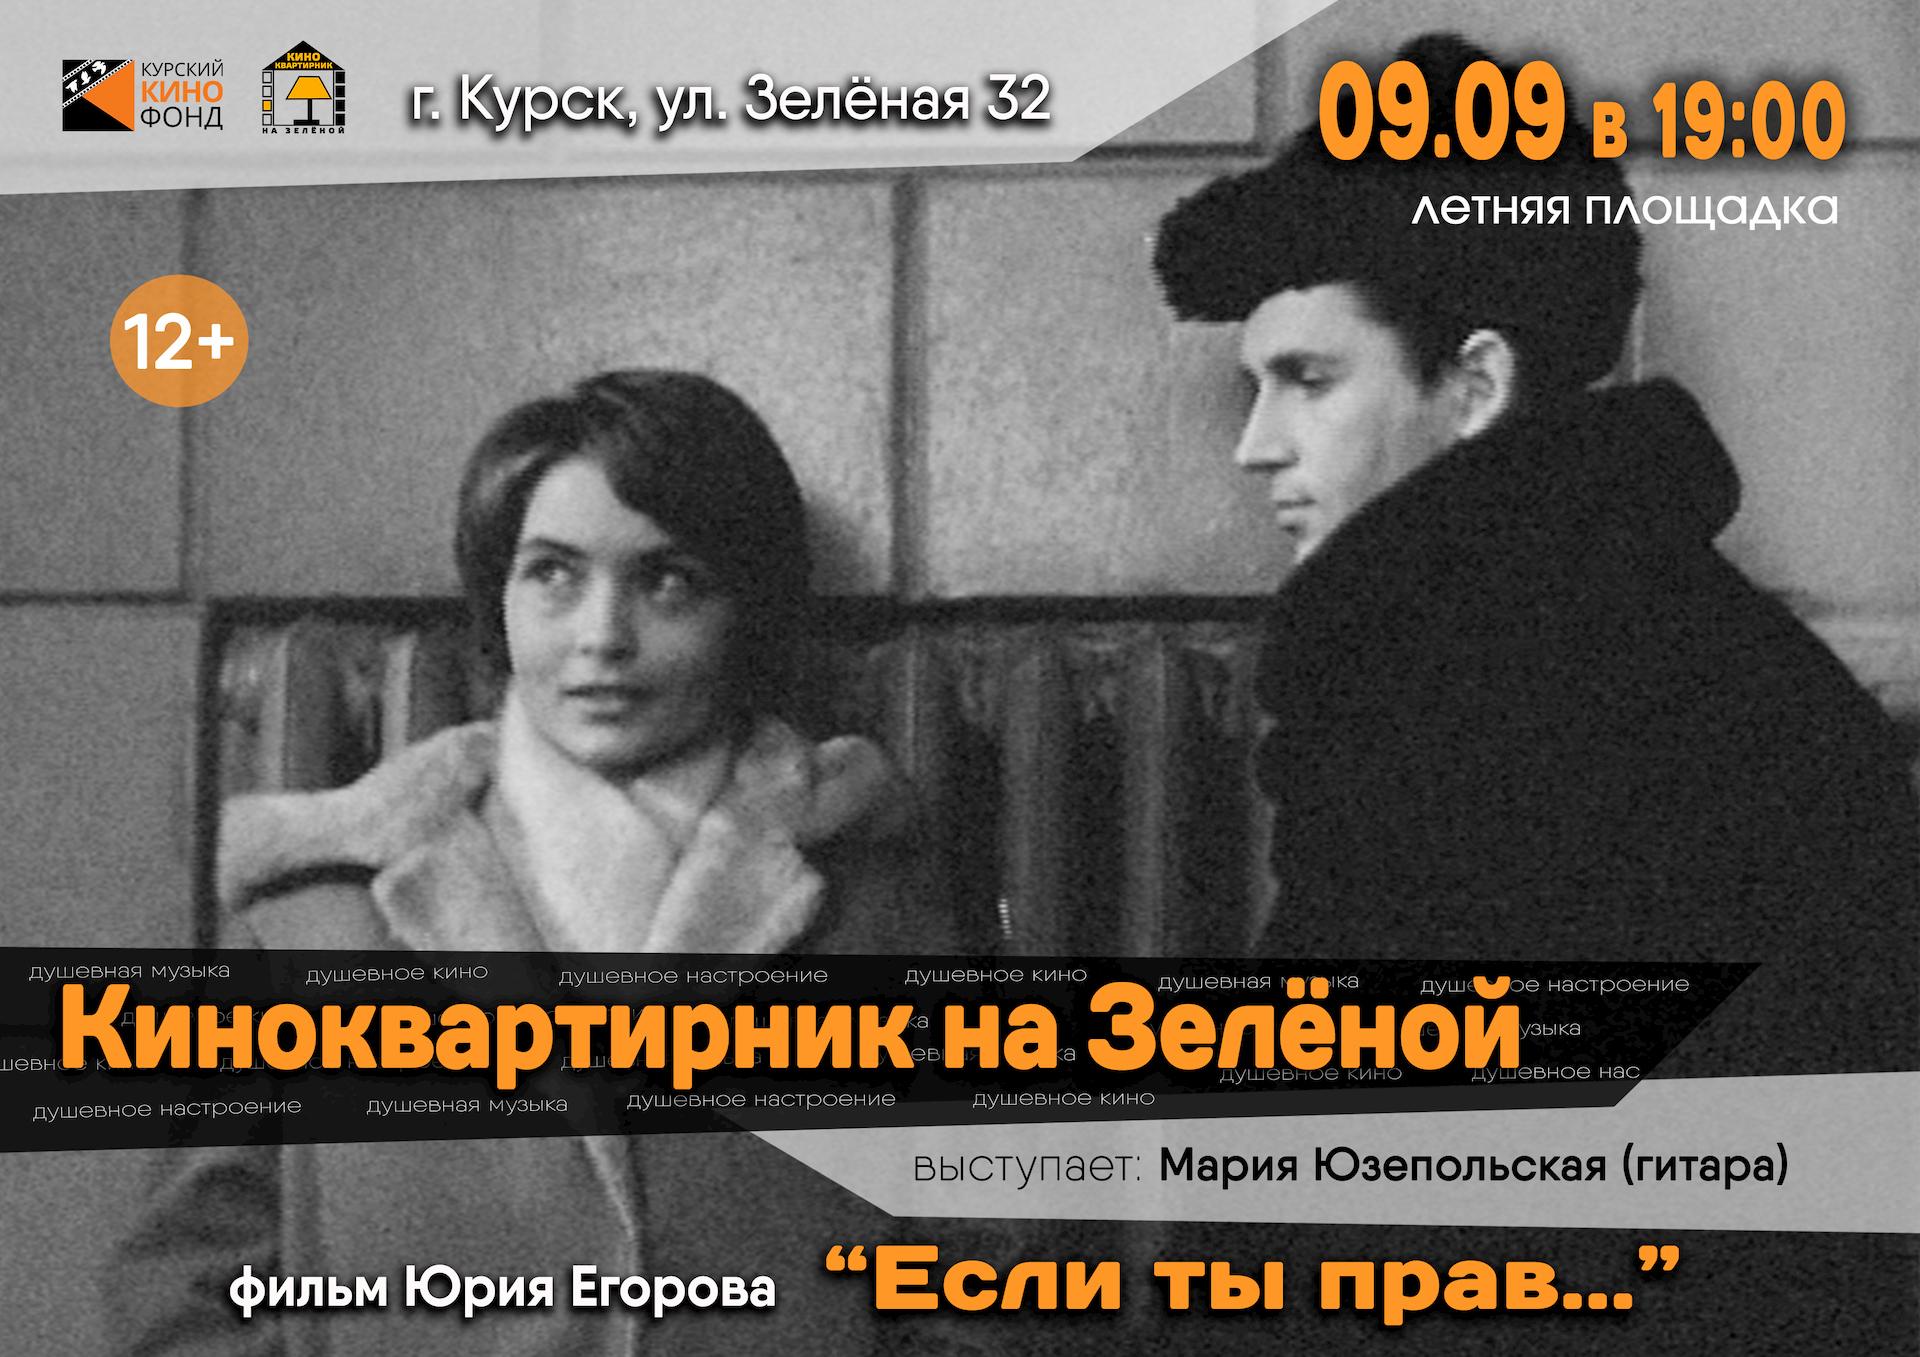 Сентябрьский киноквартирник на Зеленой